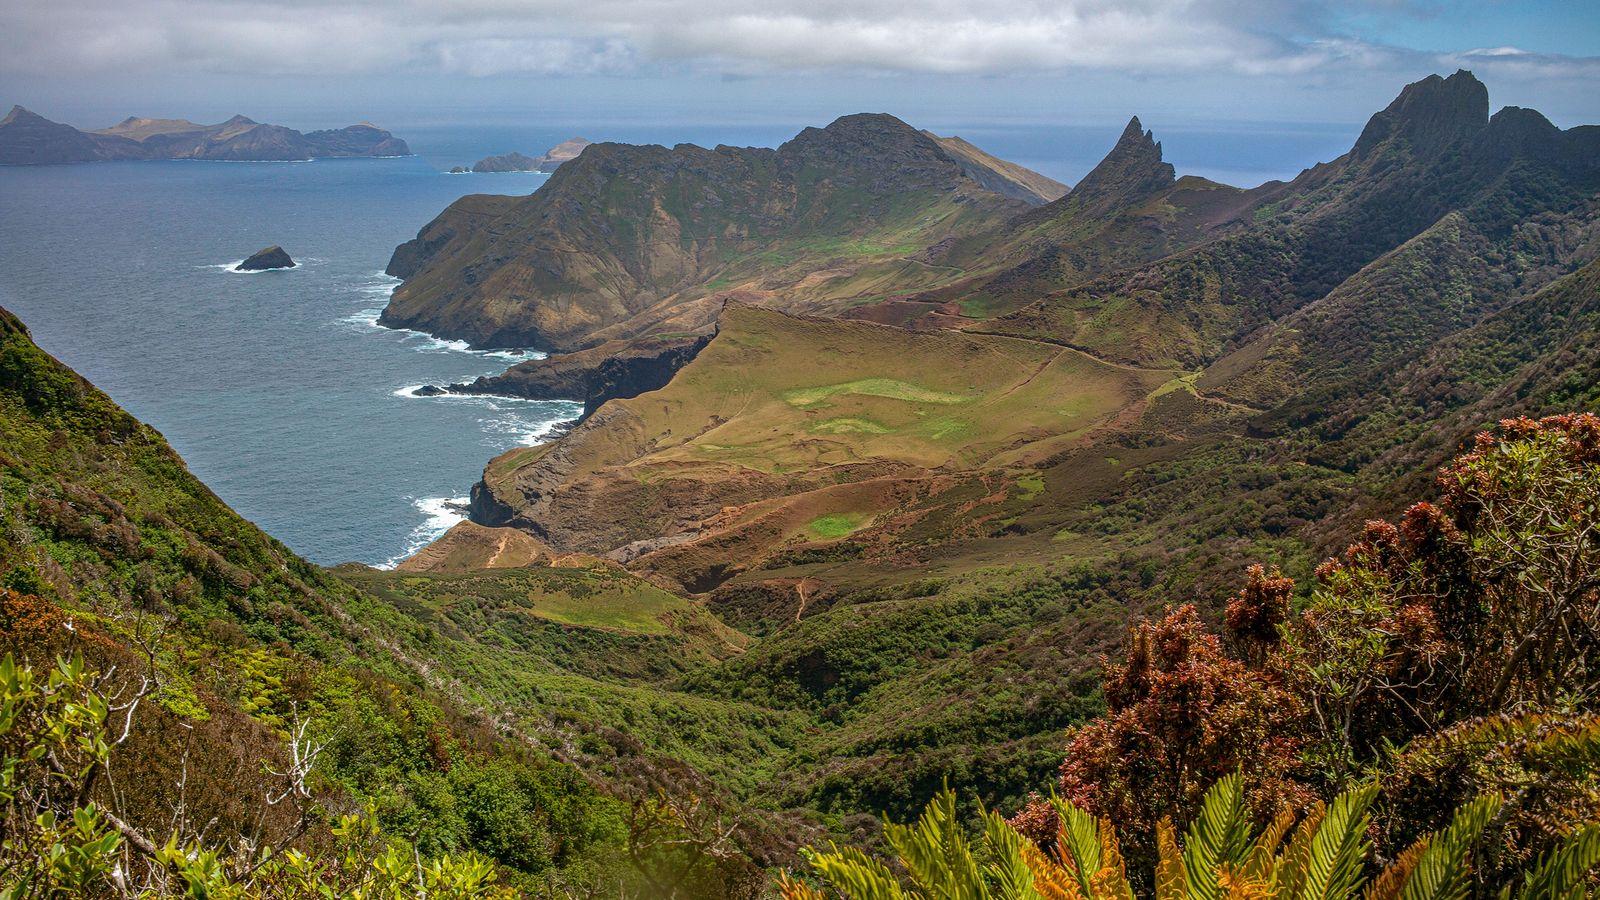 Die Robinson-Crusoe-Insel